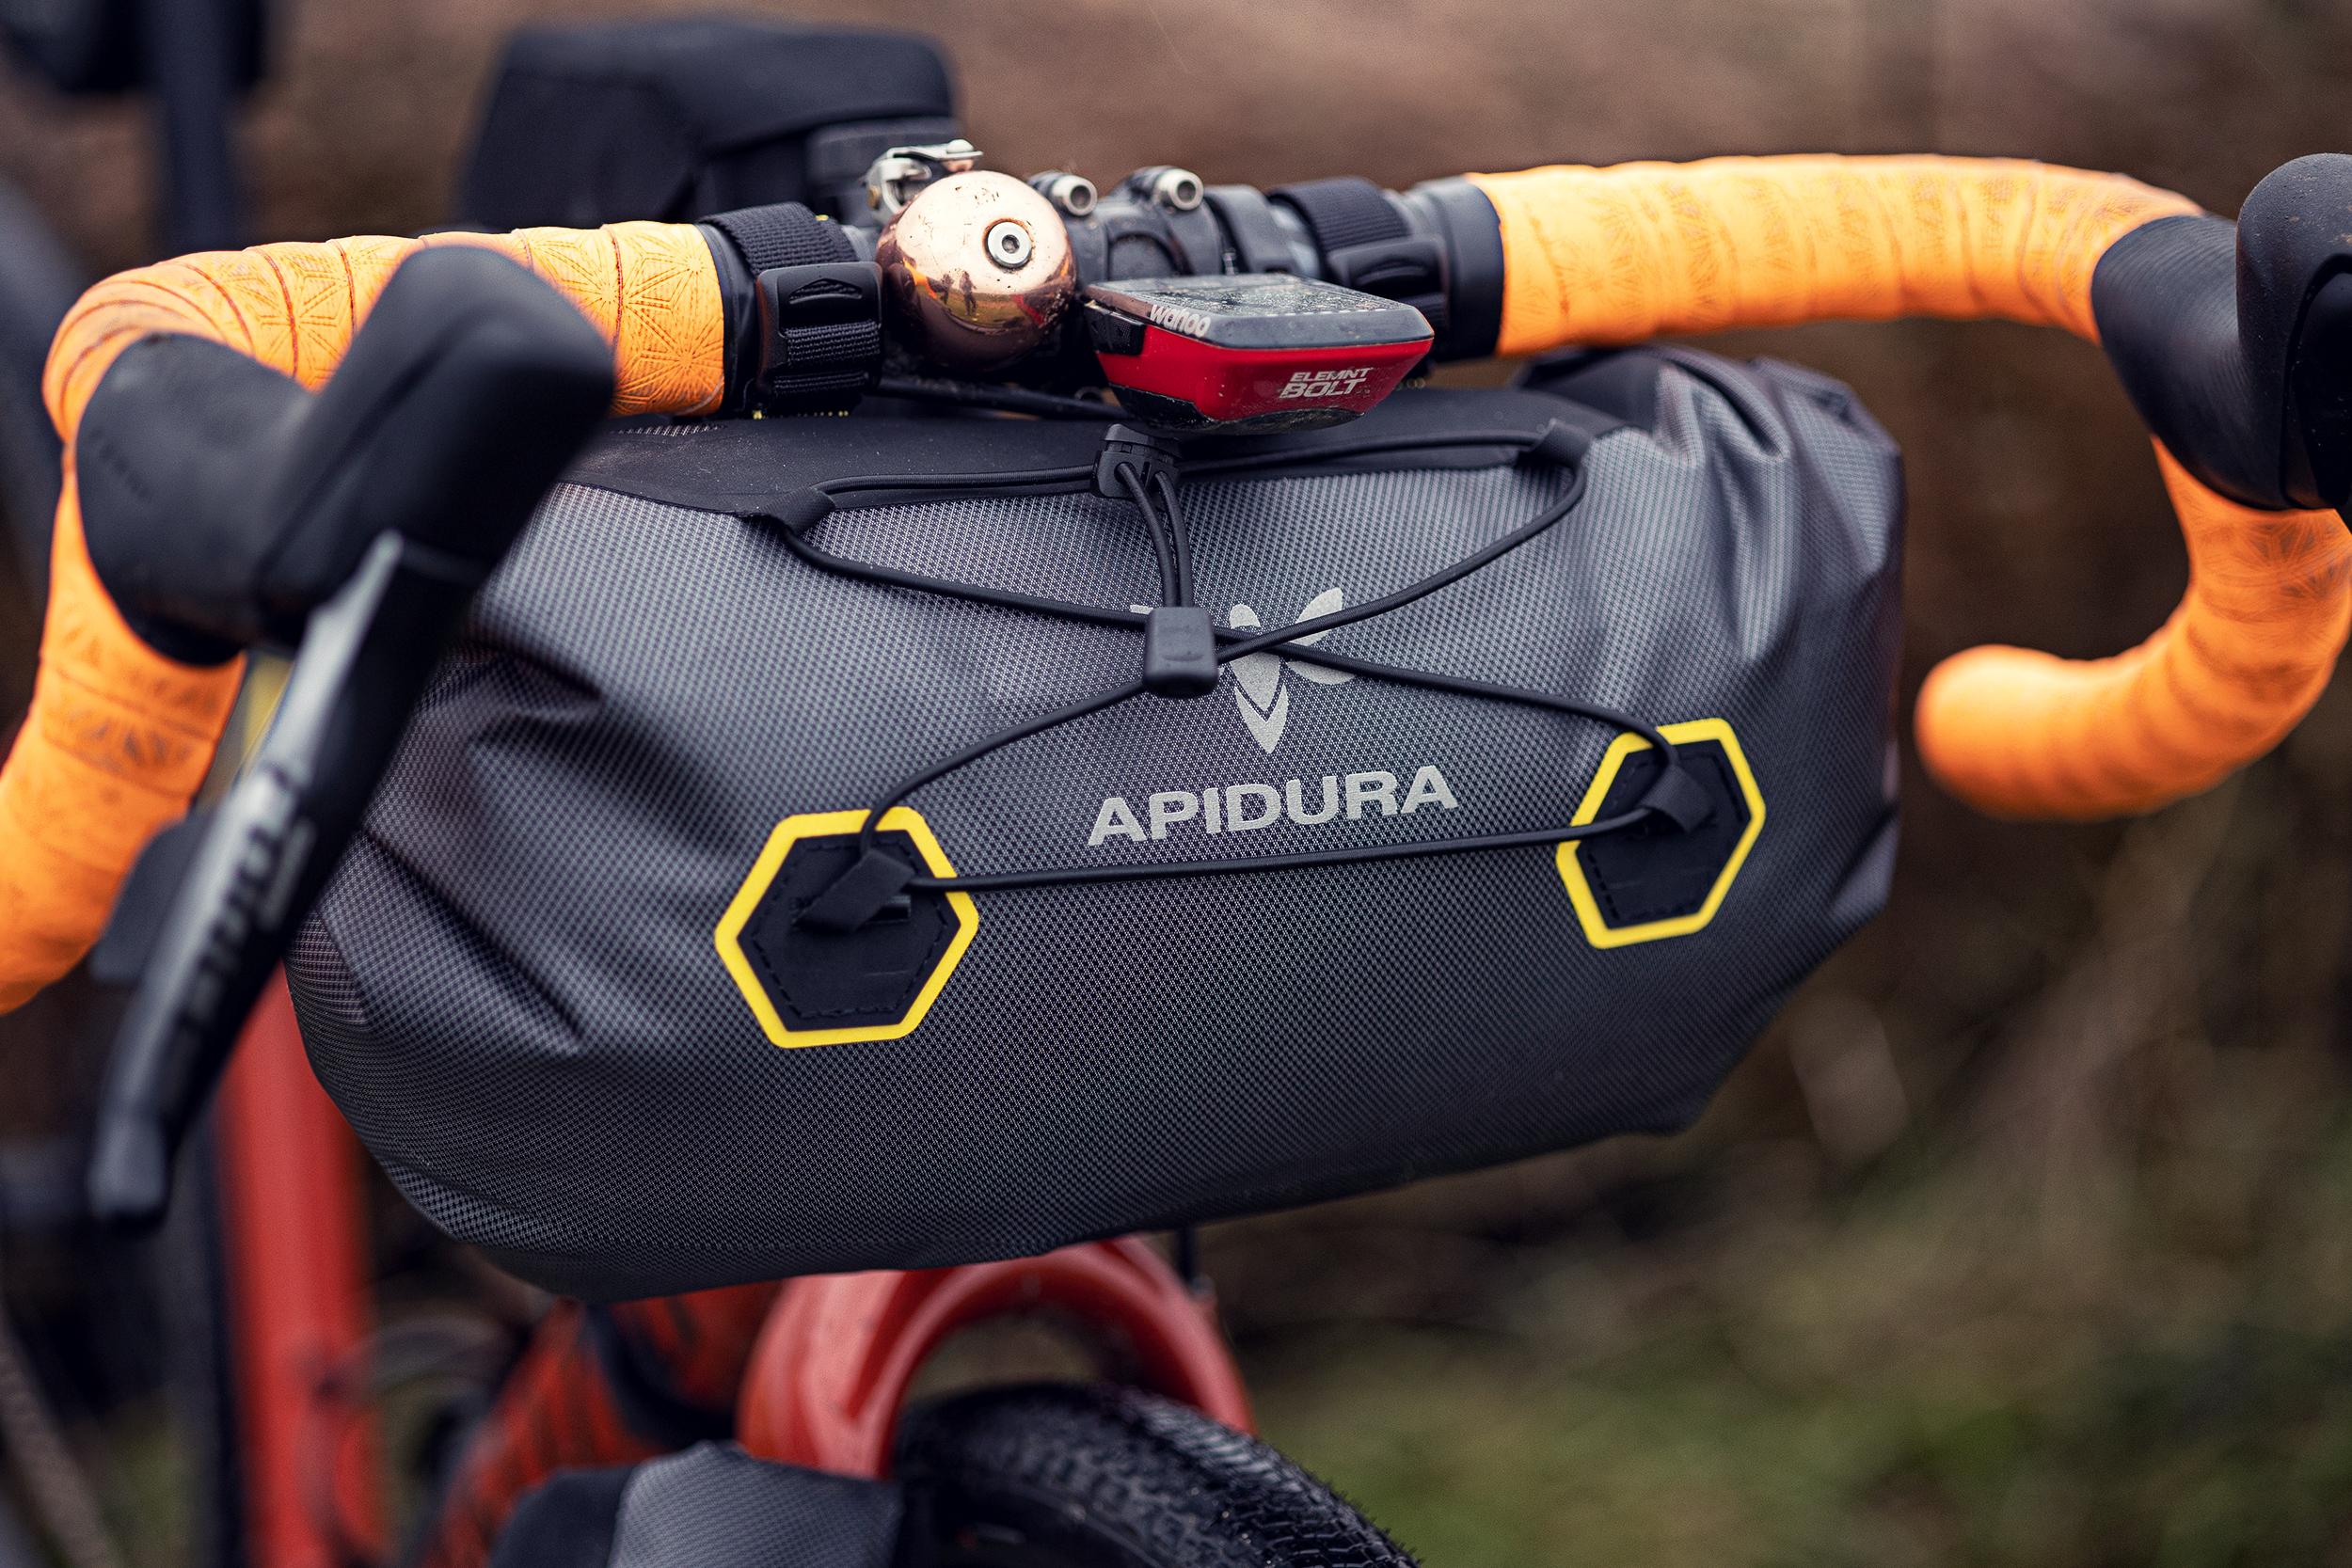 Apidura Expedition Handlebar Bag